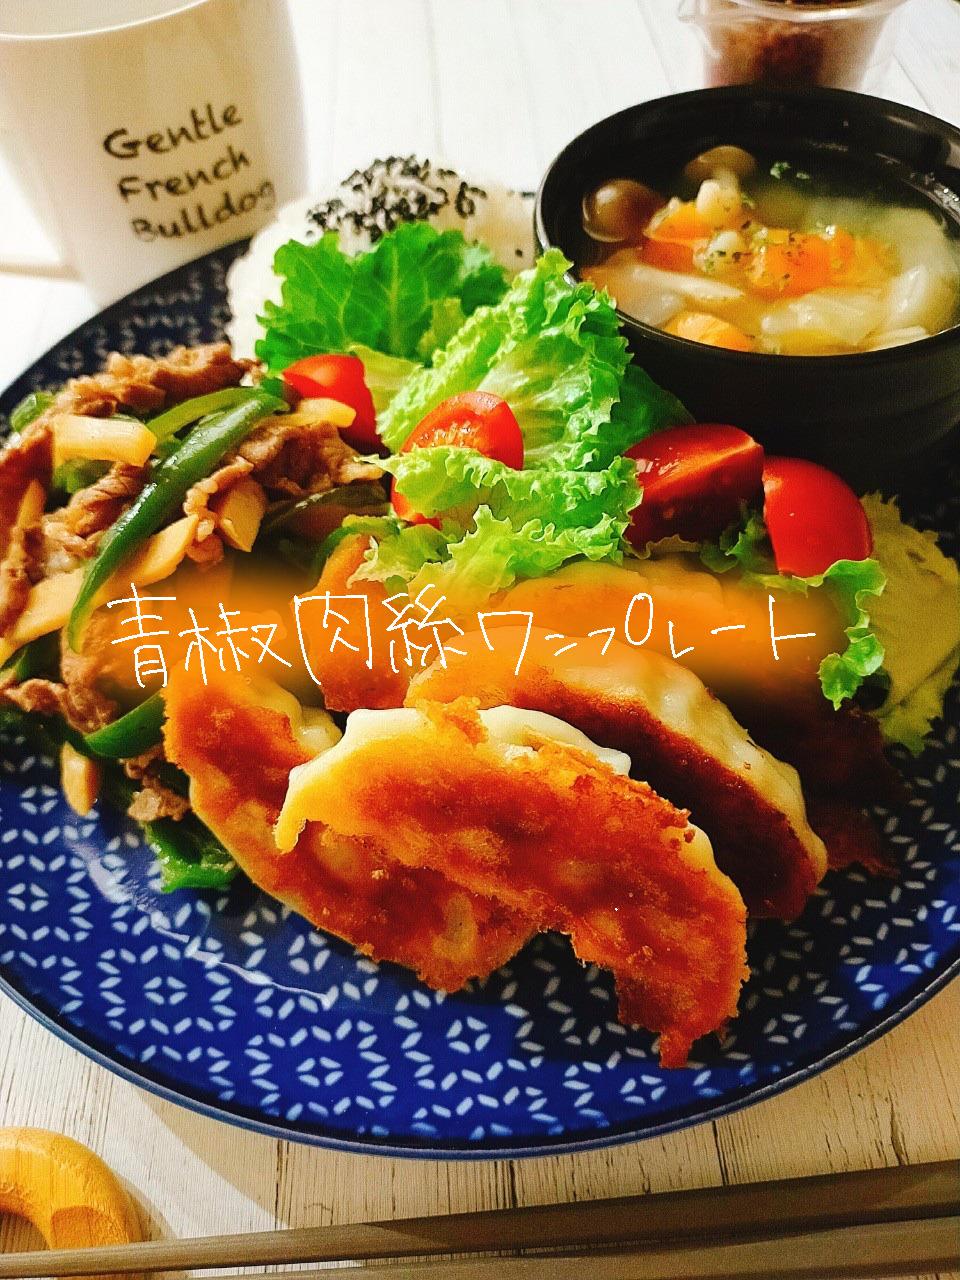 青椒肉絲&餃子ワンプレートレシピ献立